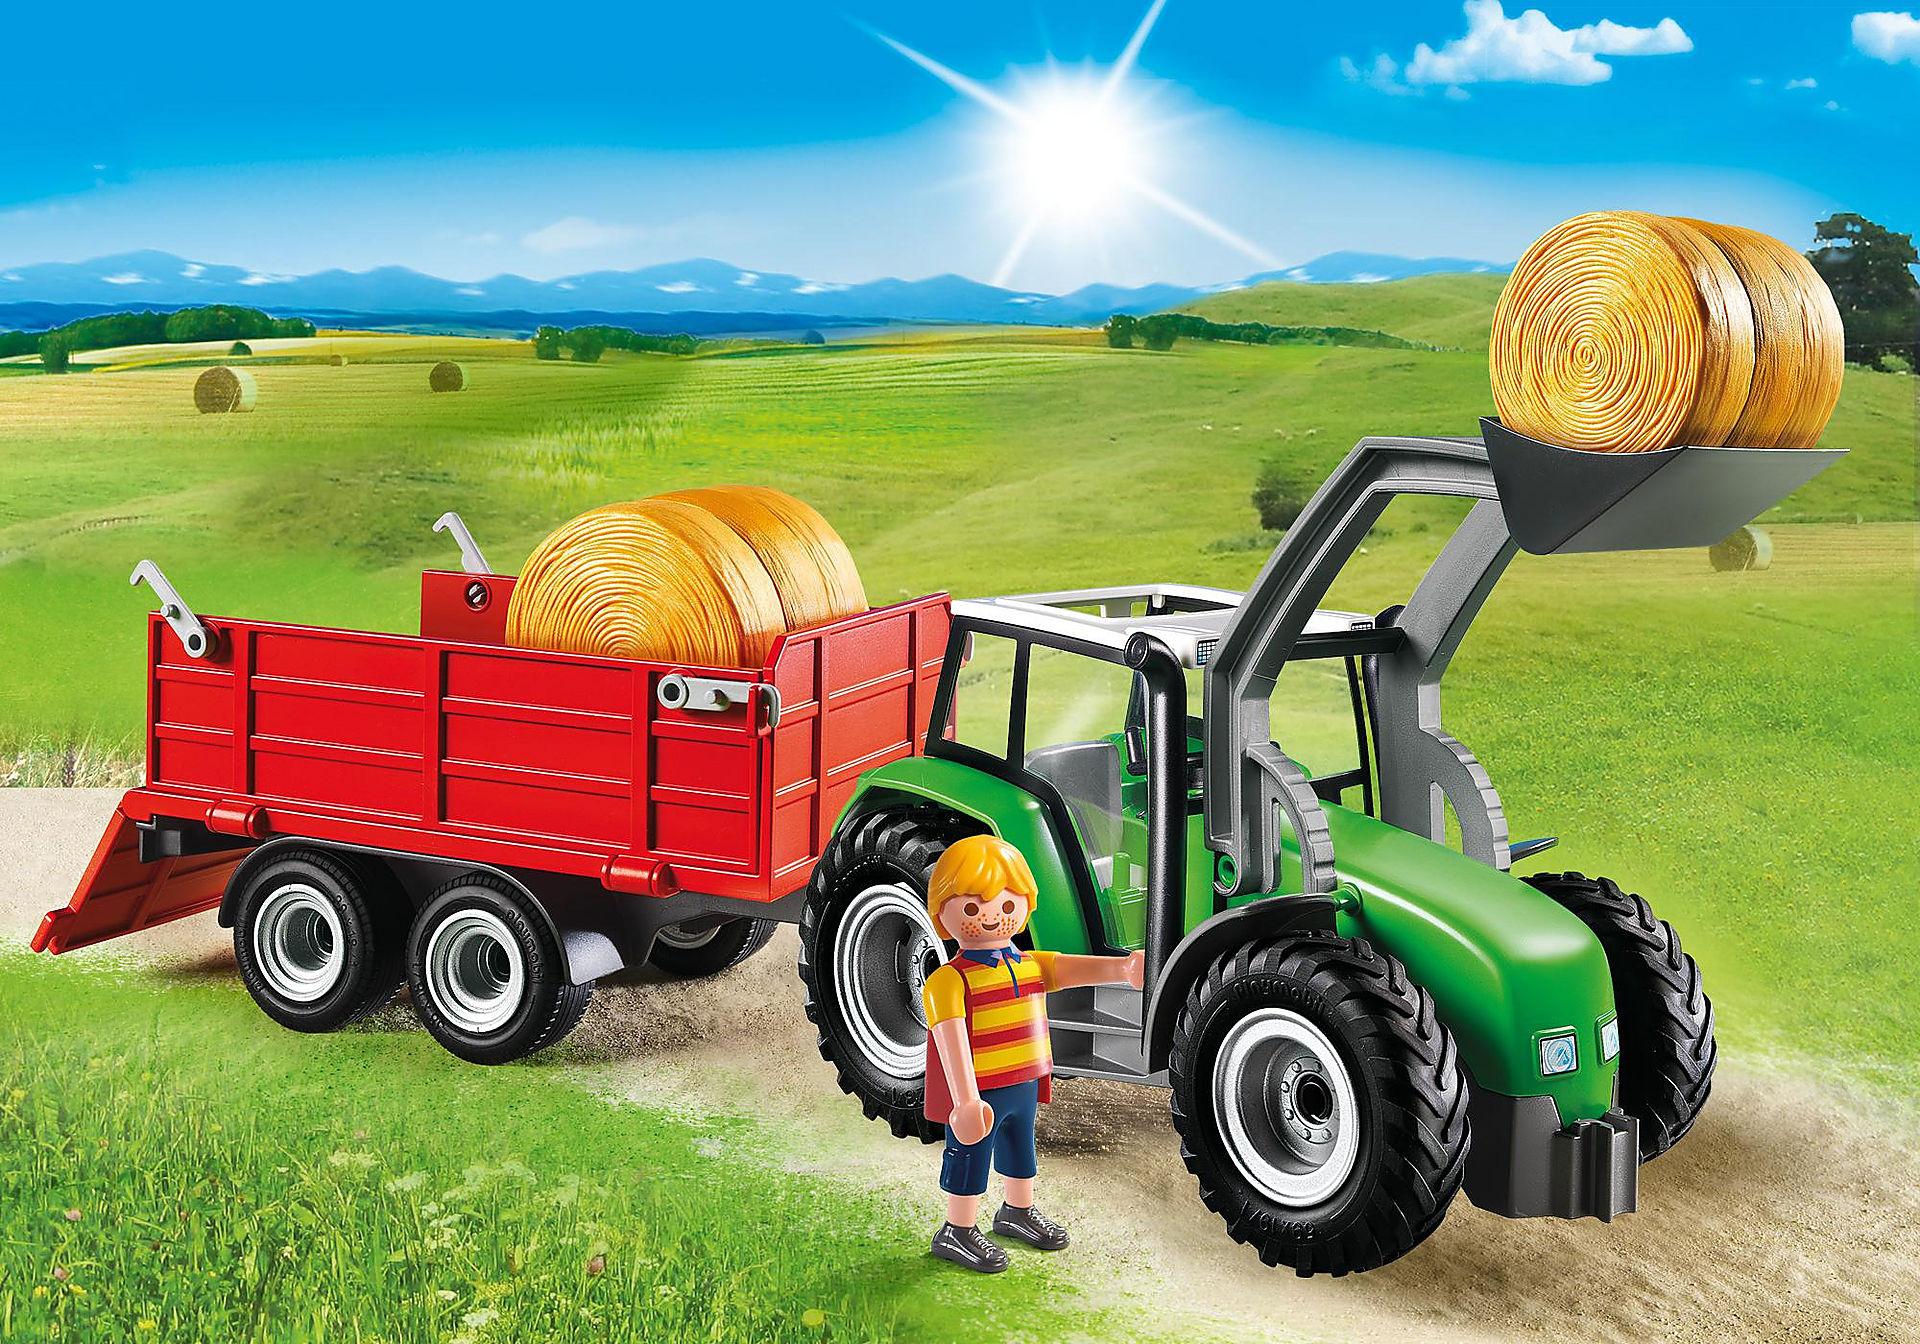 http://media.playmobil.com/i/playmobil/6130_product_detail/Stor traktor med släp